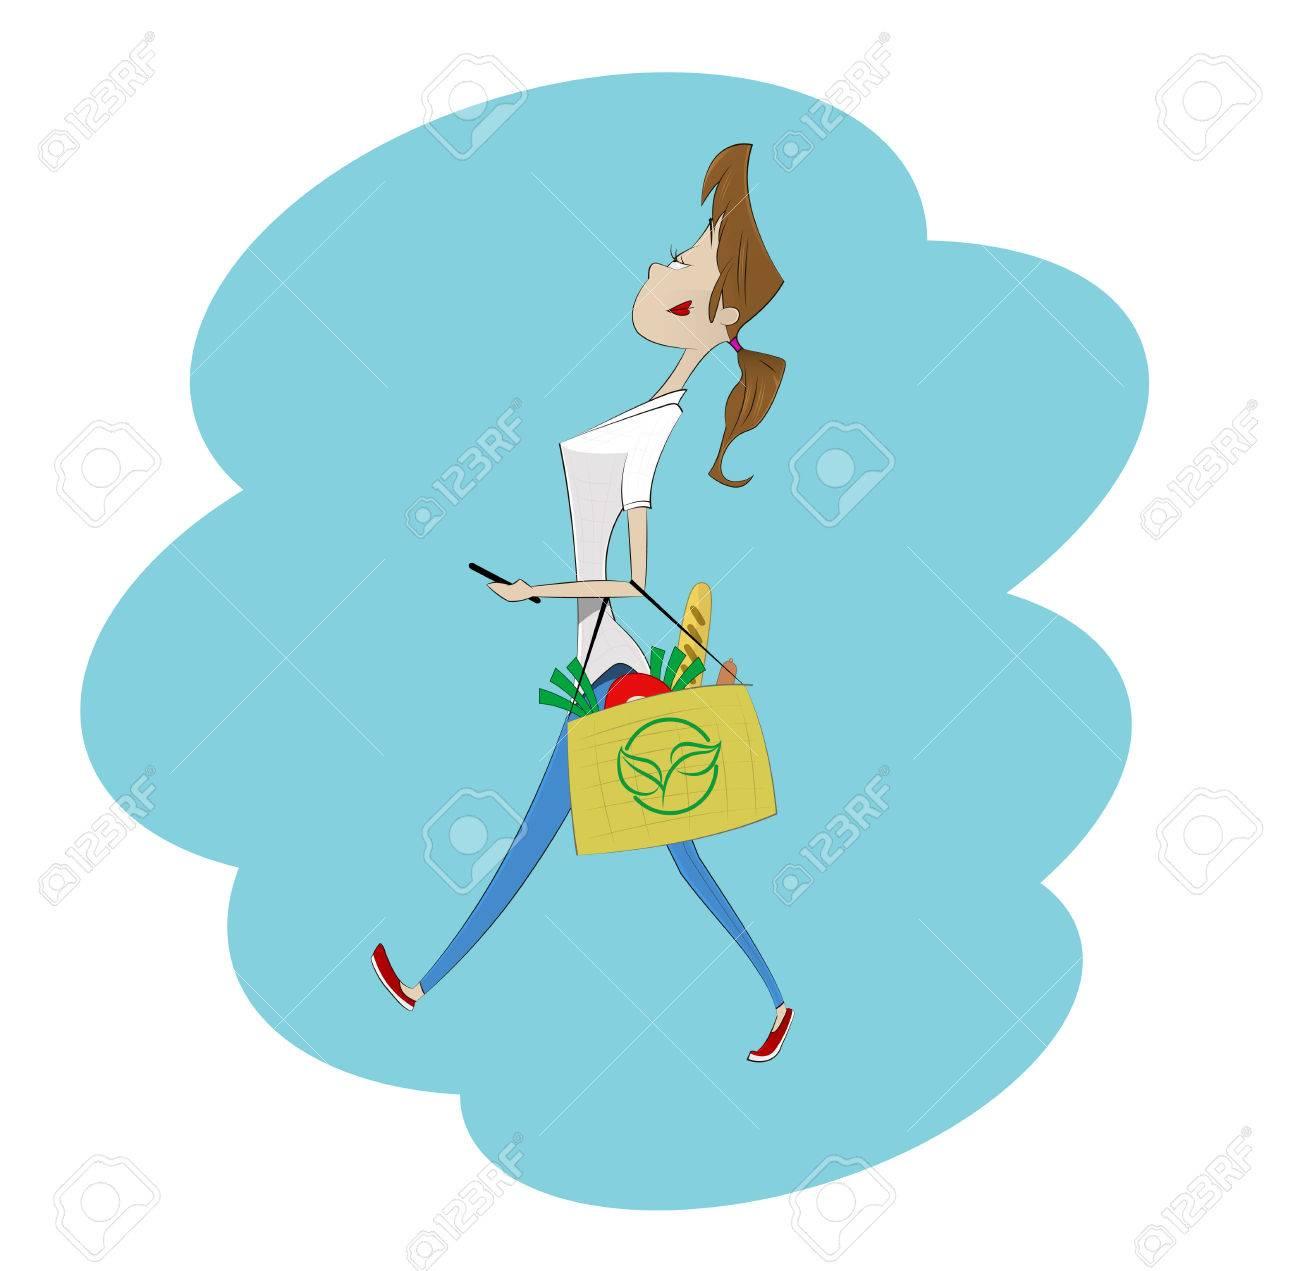 Niña De Dibujos Animados Llevando Bolsas De Papel De Las Tiendas De